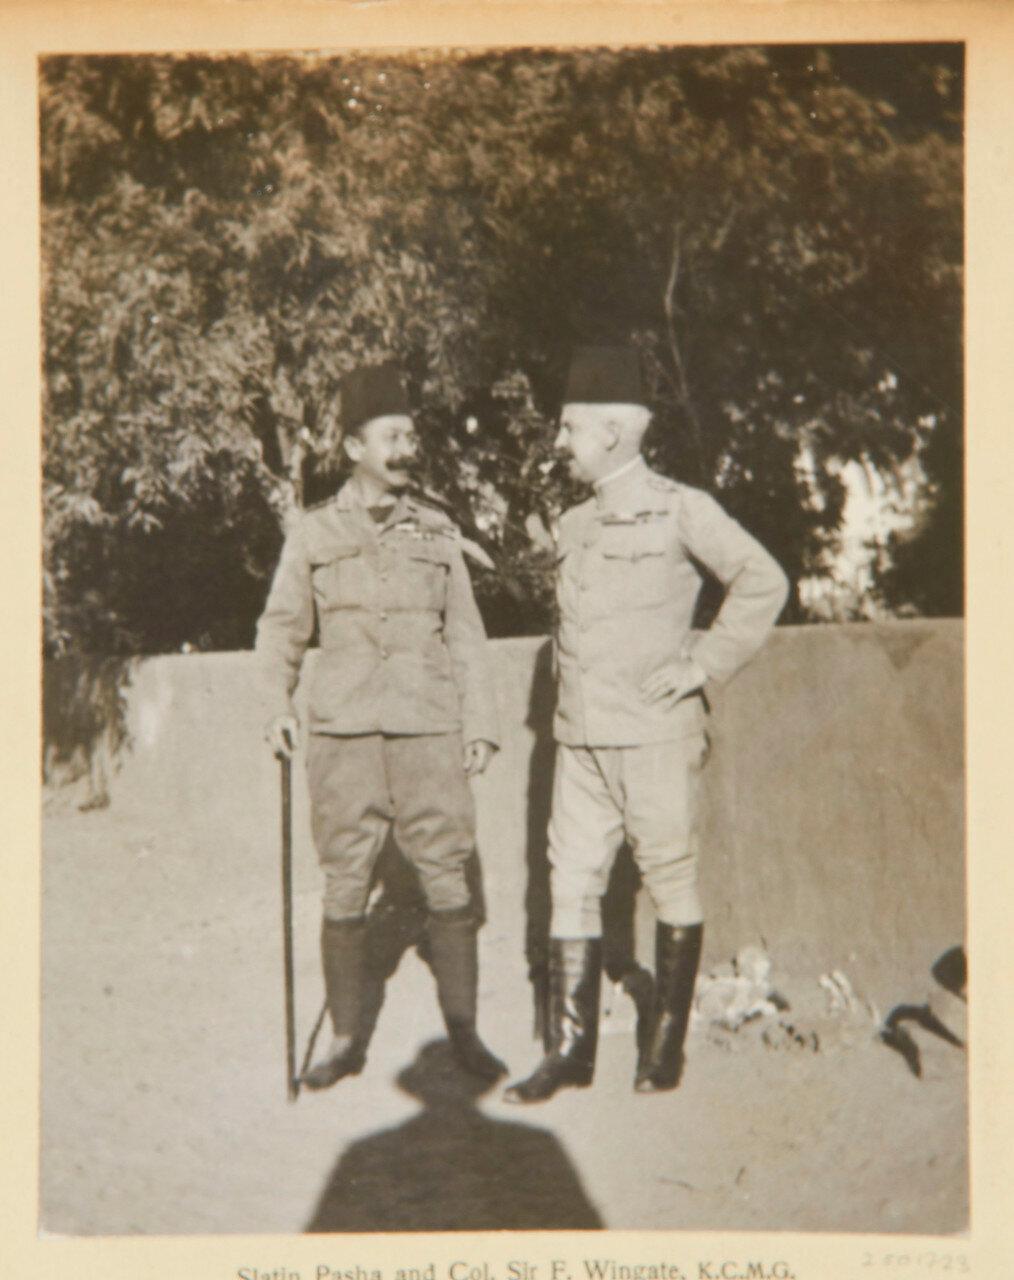 Барон Рудольф Карл фон Слатин (Слатин Паша) (1857-1932) и сэр Реджинальд Уингейт (1861-1953)